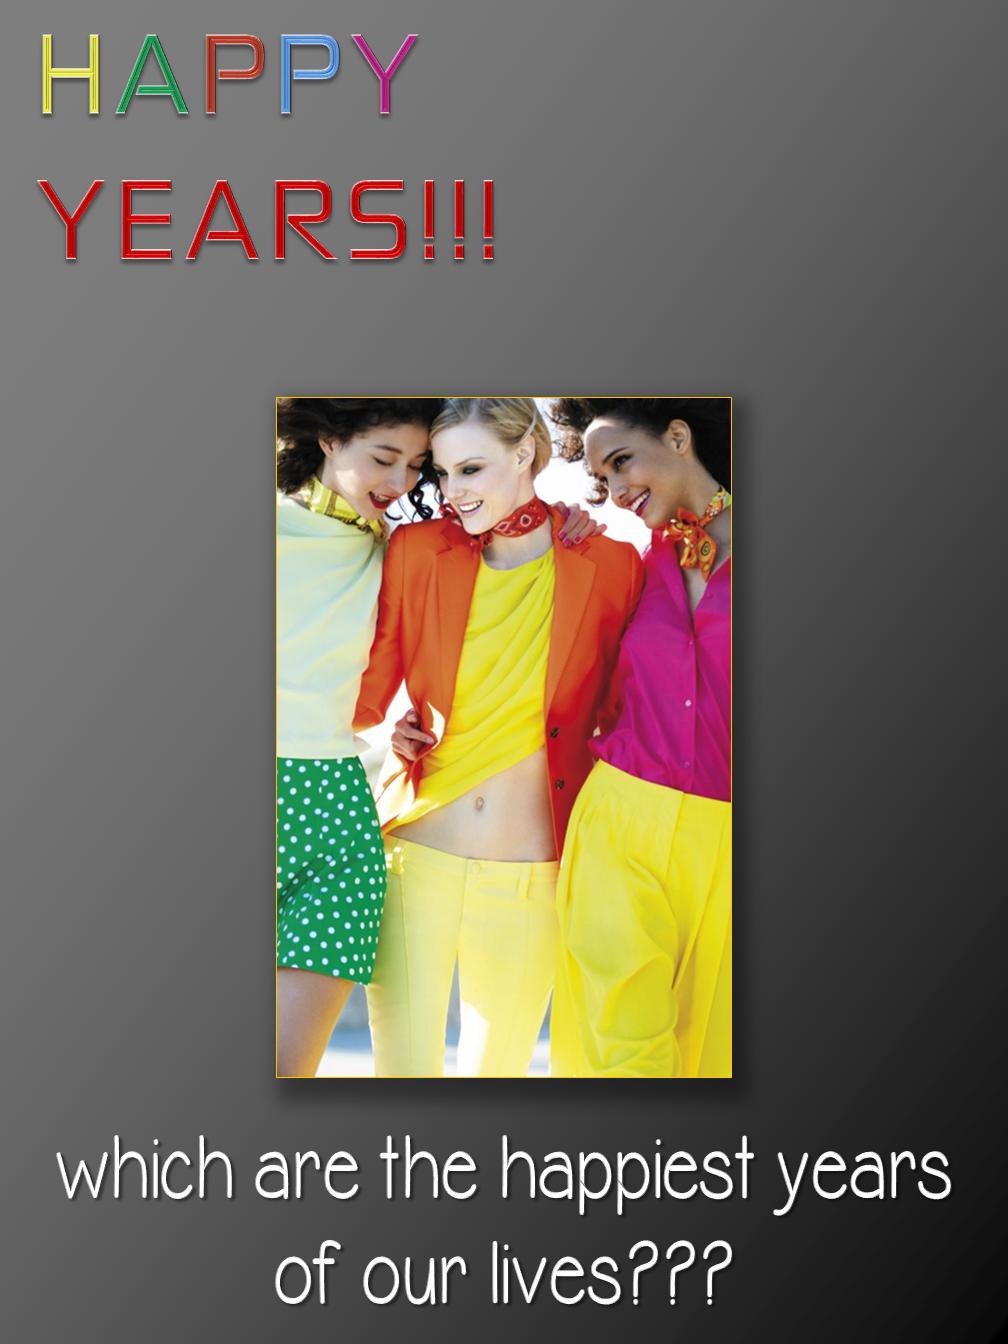 Happy Years